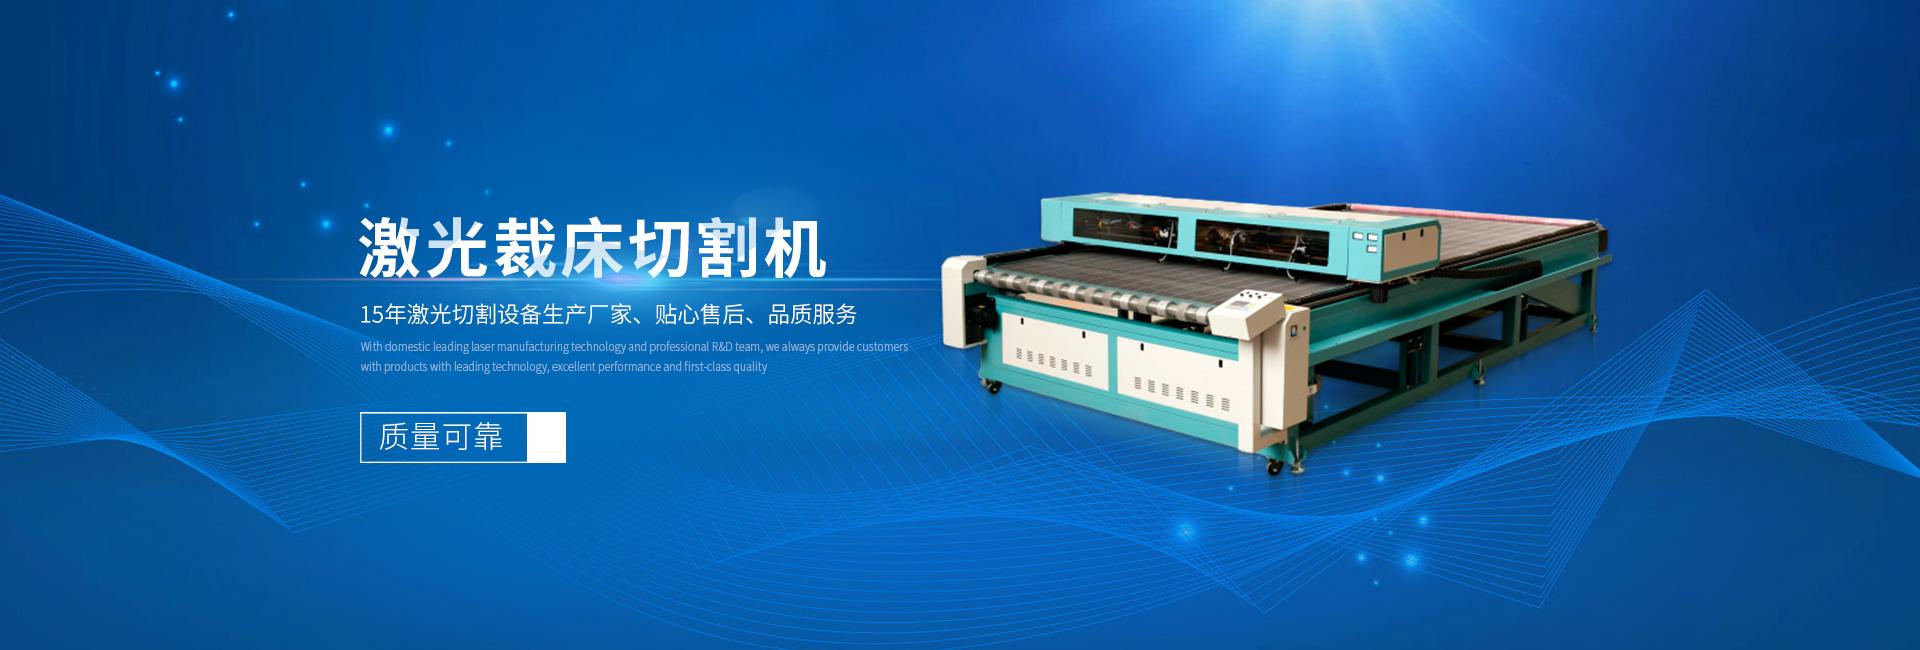 上海虹力激光科技有限公司